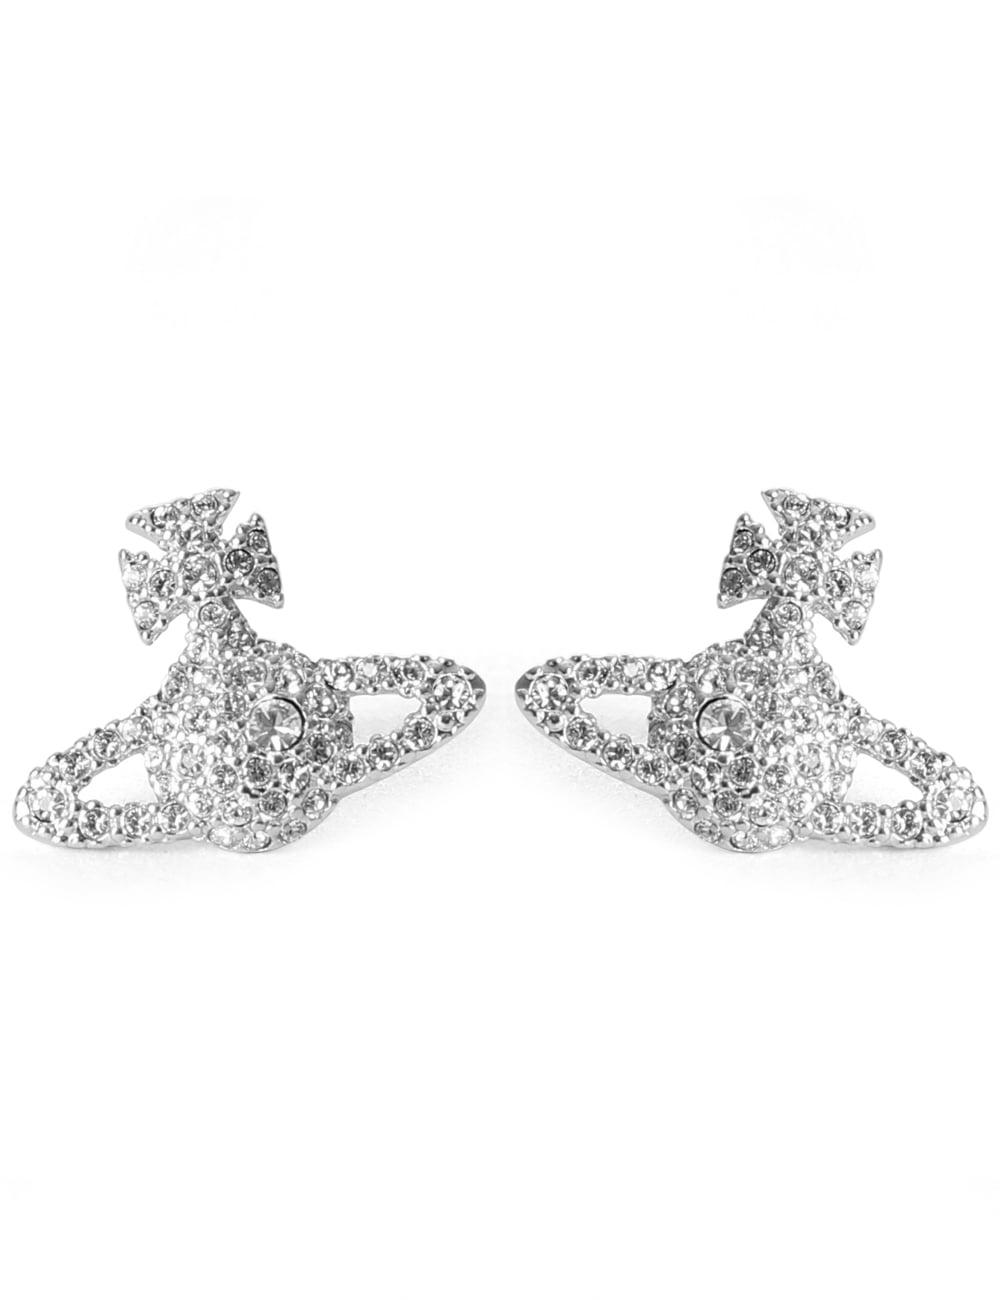 38585863c79b61 Vivienne Westwood Grace Bas Relief Women's Stud Earrings